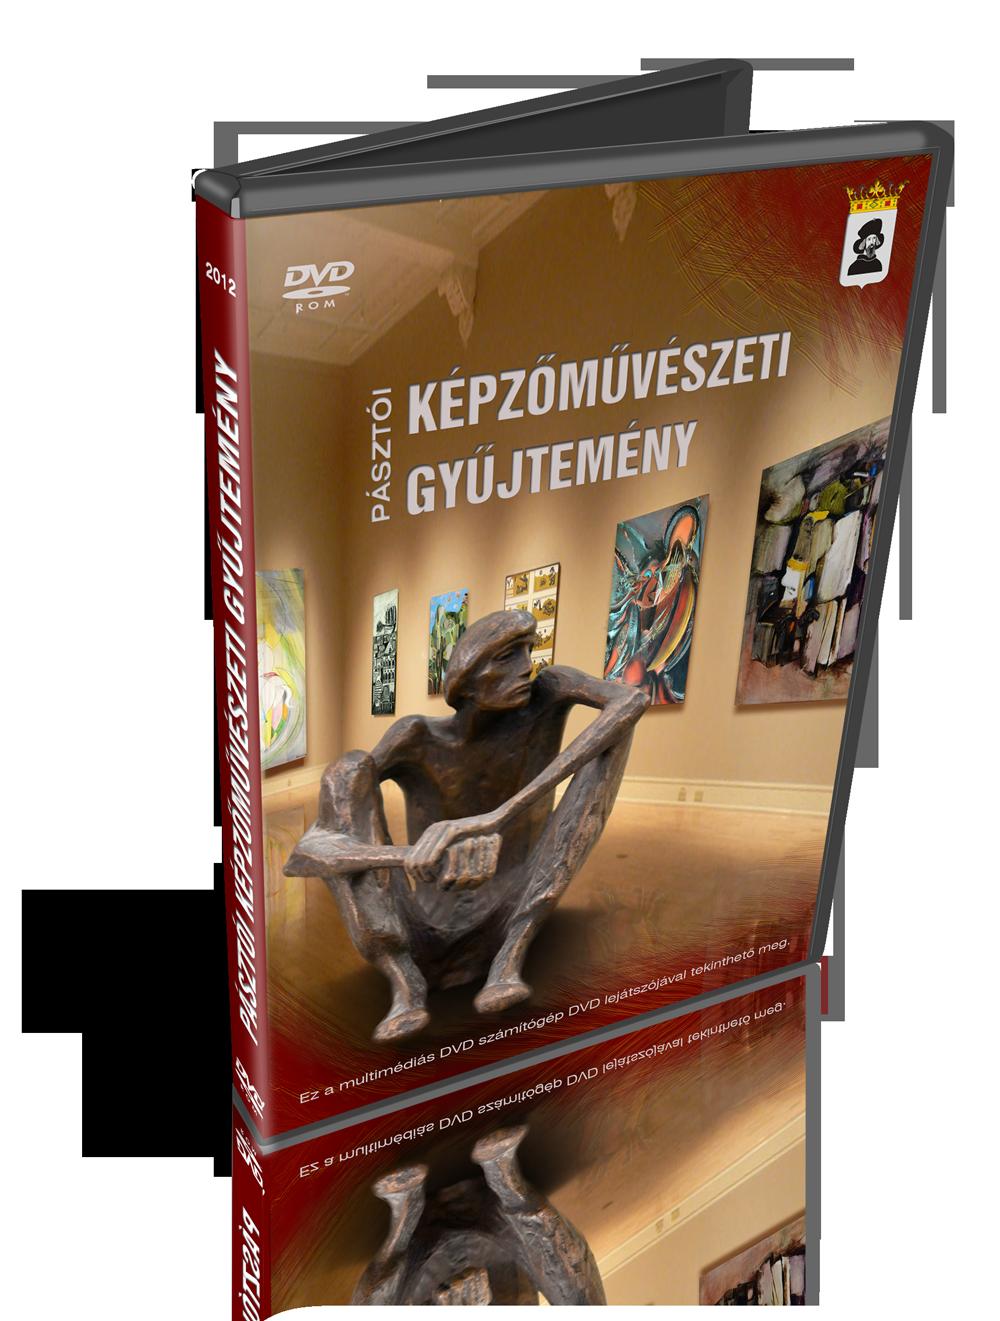 kepz_gyujt_dvd_web.png